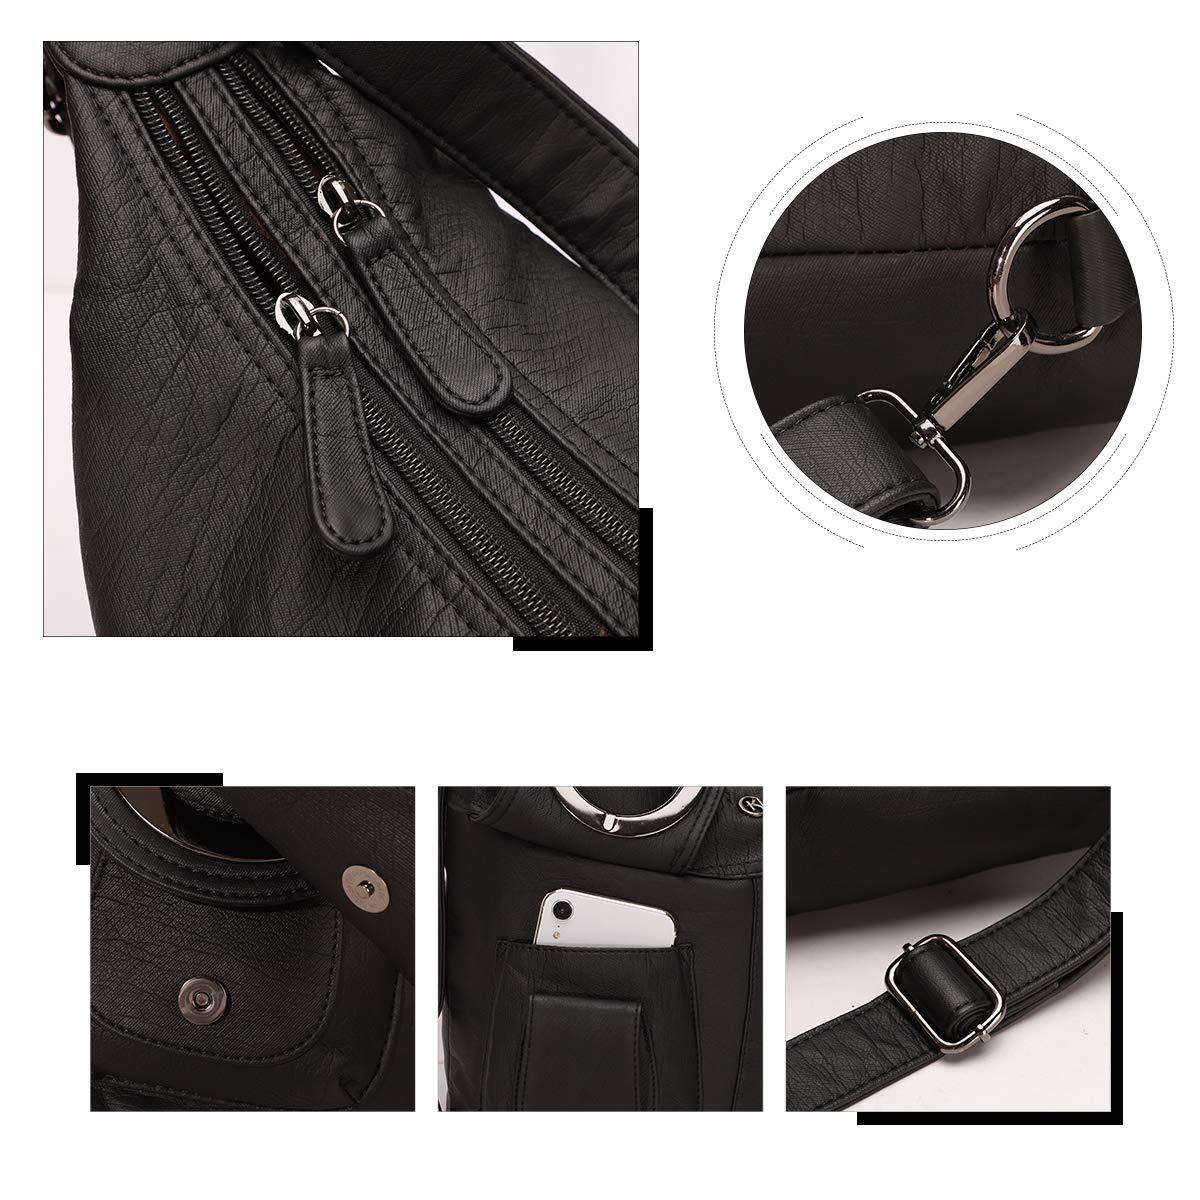 KL928 dam väska handväska axelväska läder damhandväska handväskor läderhandväska ryggsäck vintage väskor för kvinnor (W6802-svart) SVART